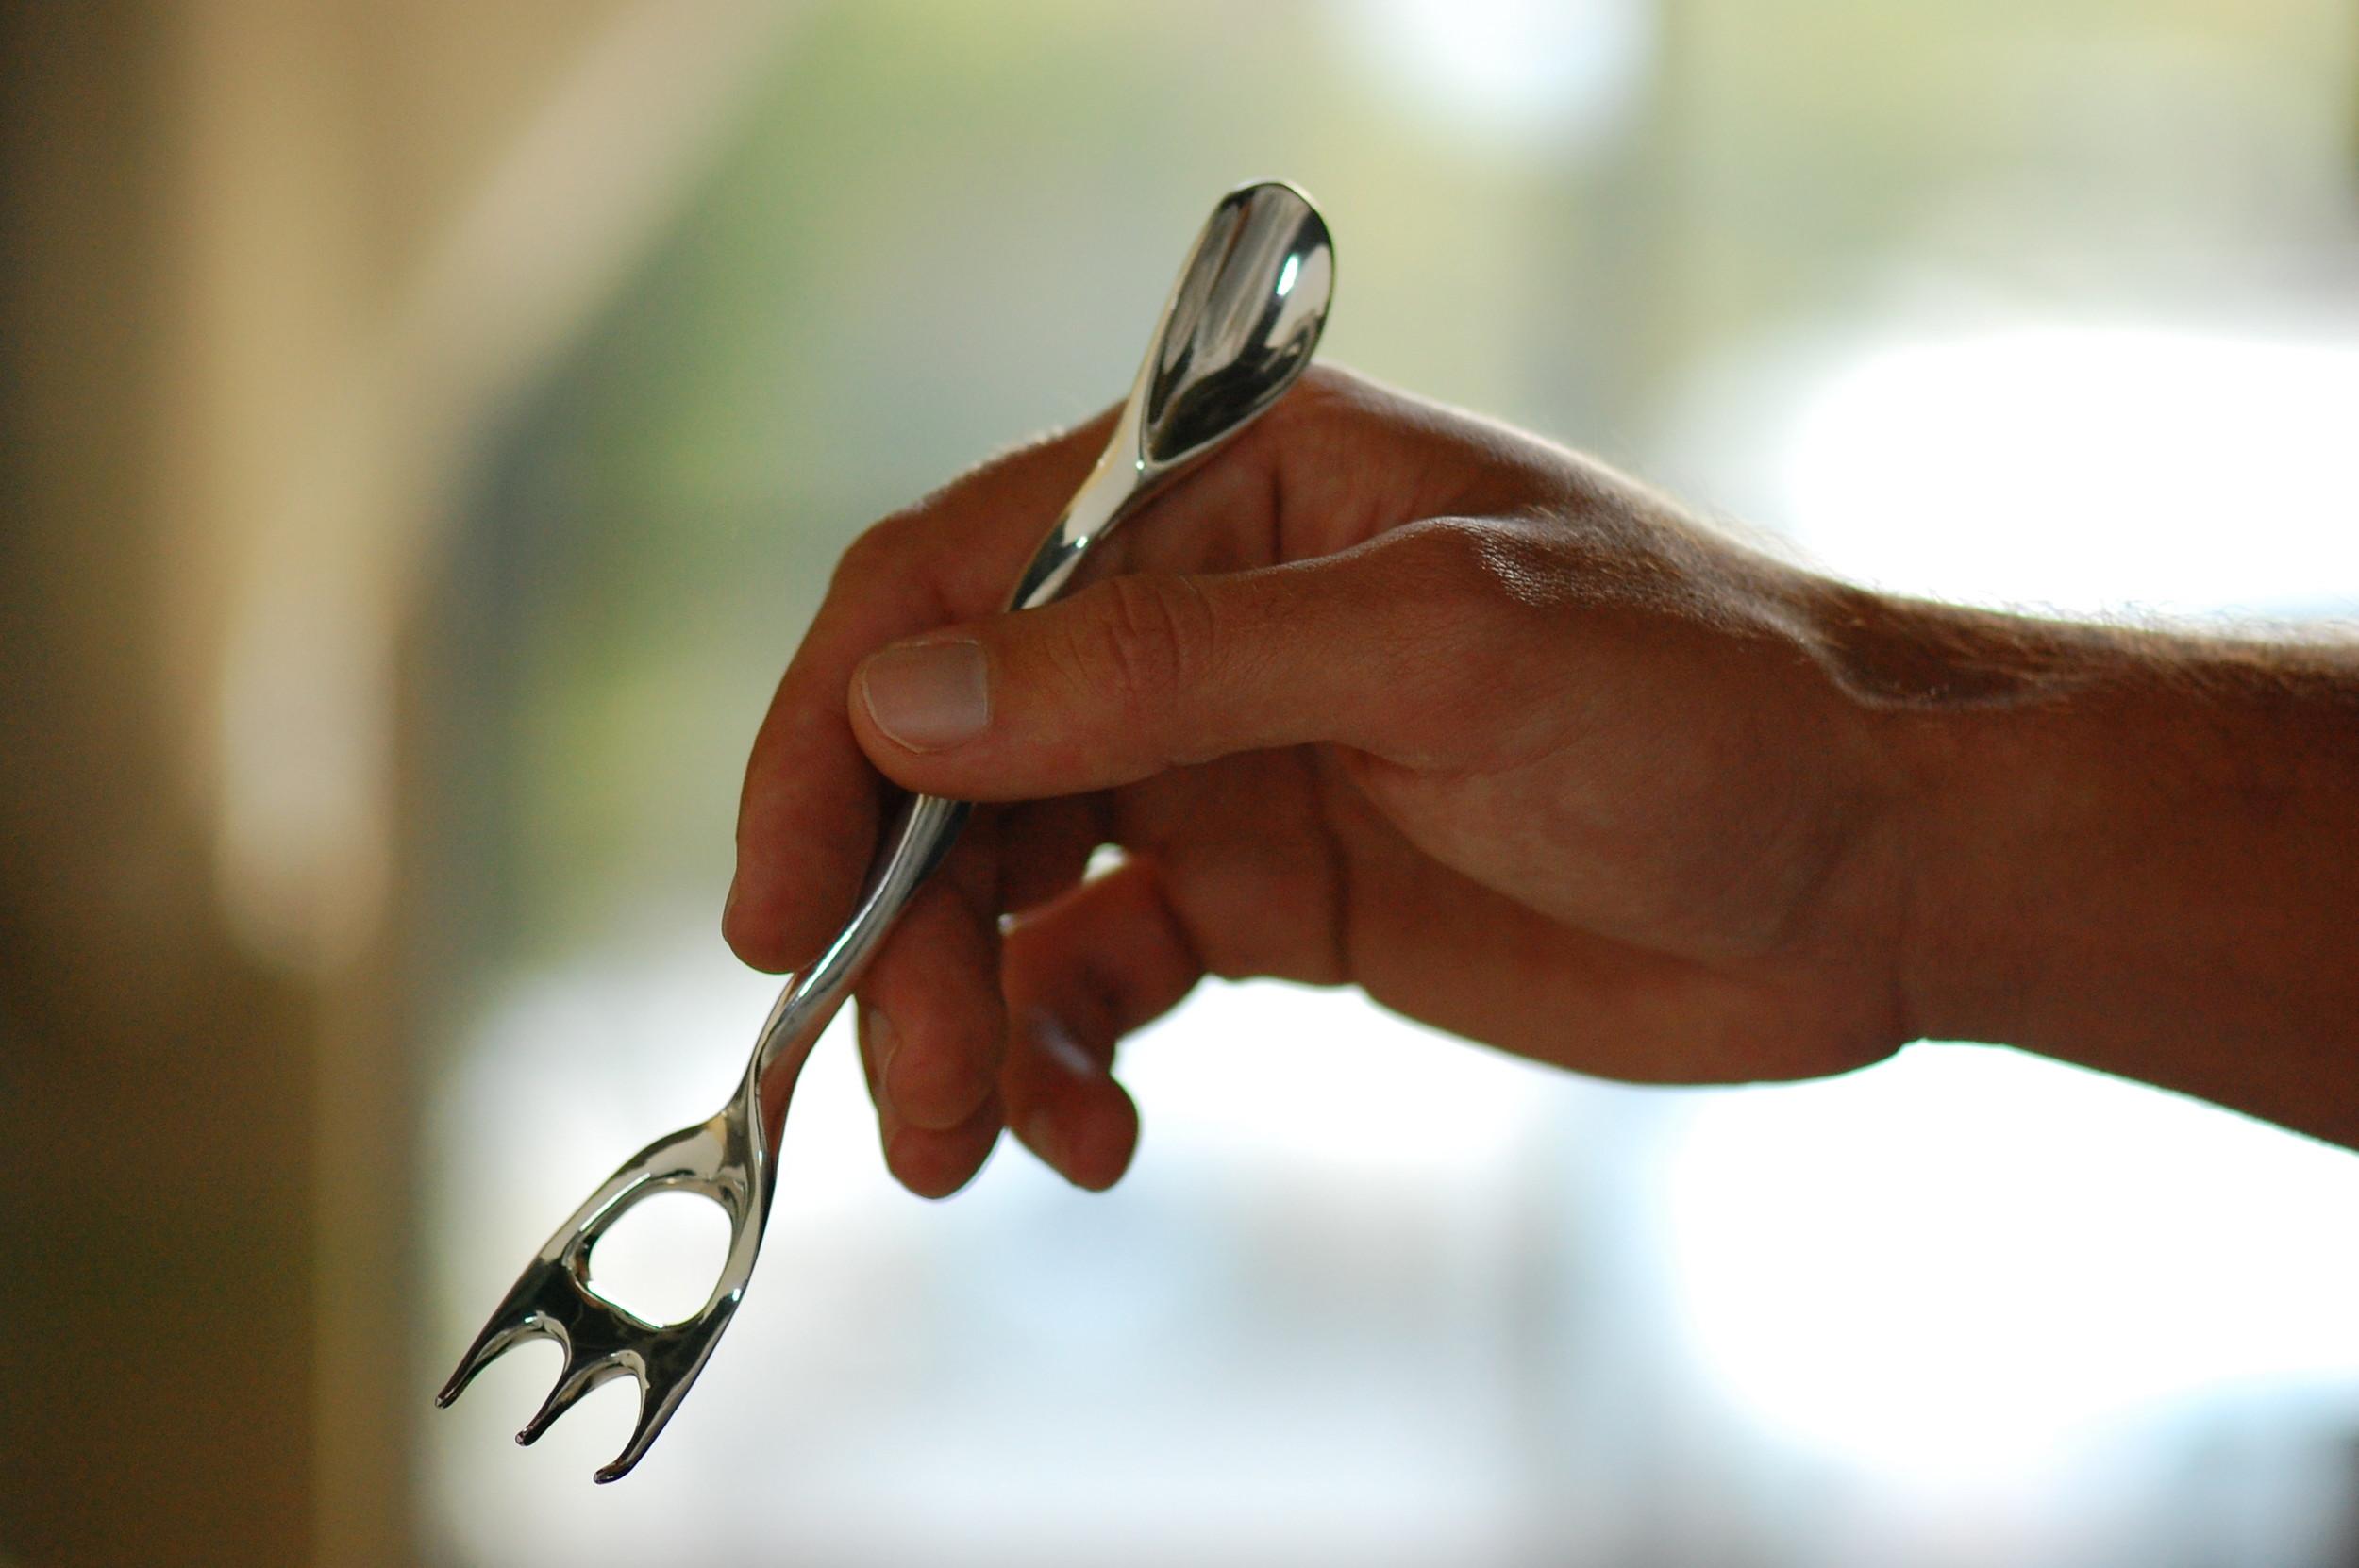 silverware0075.jpg